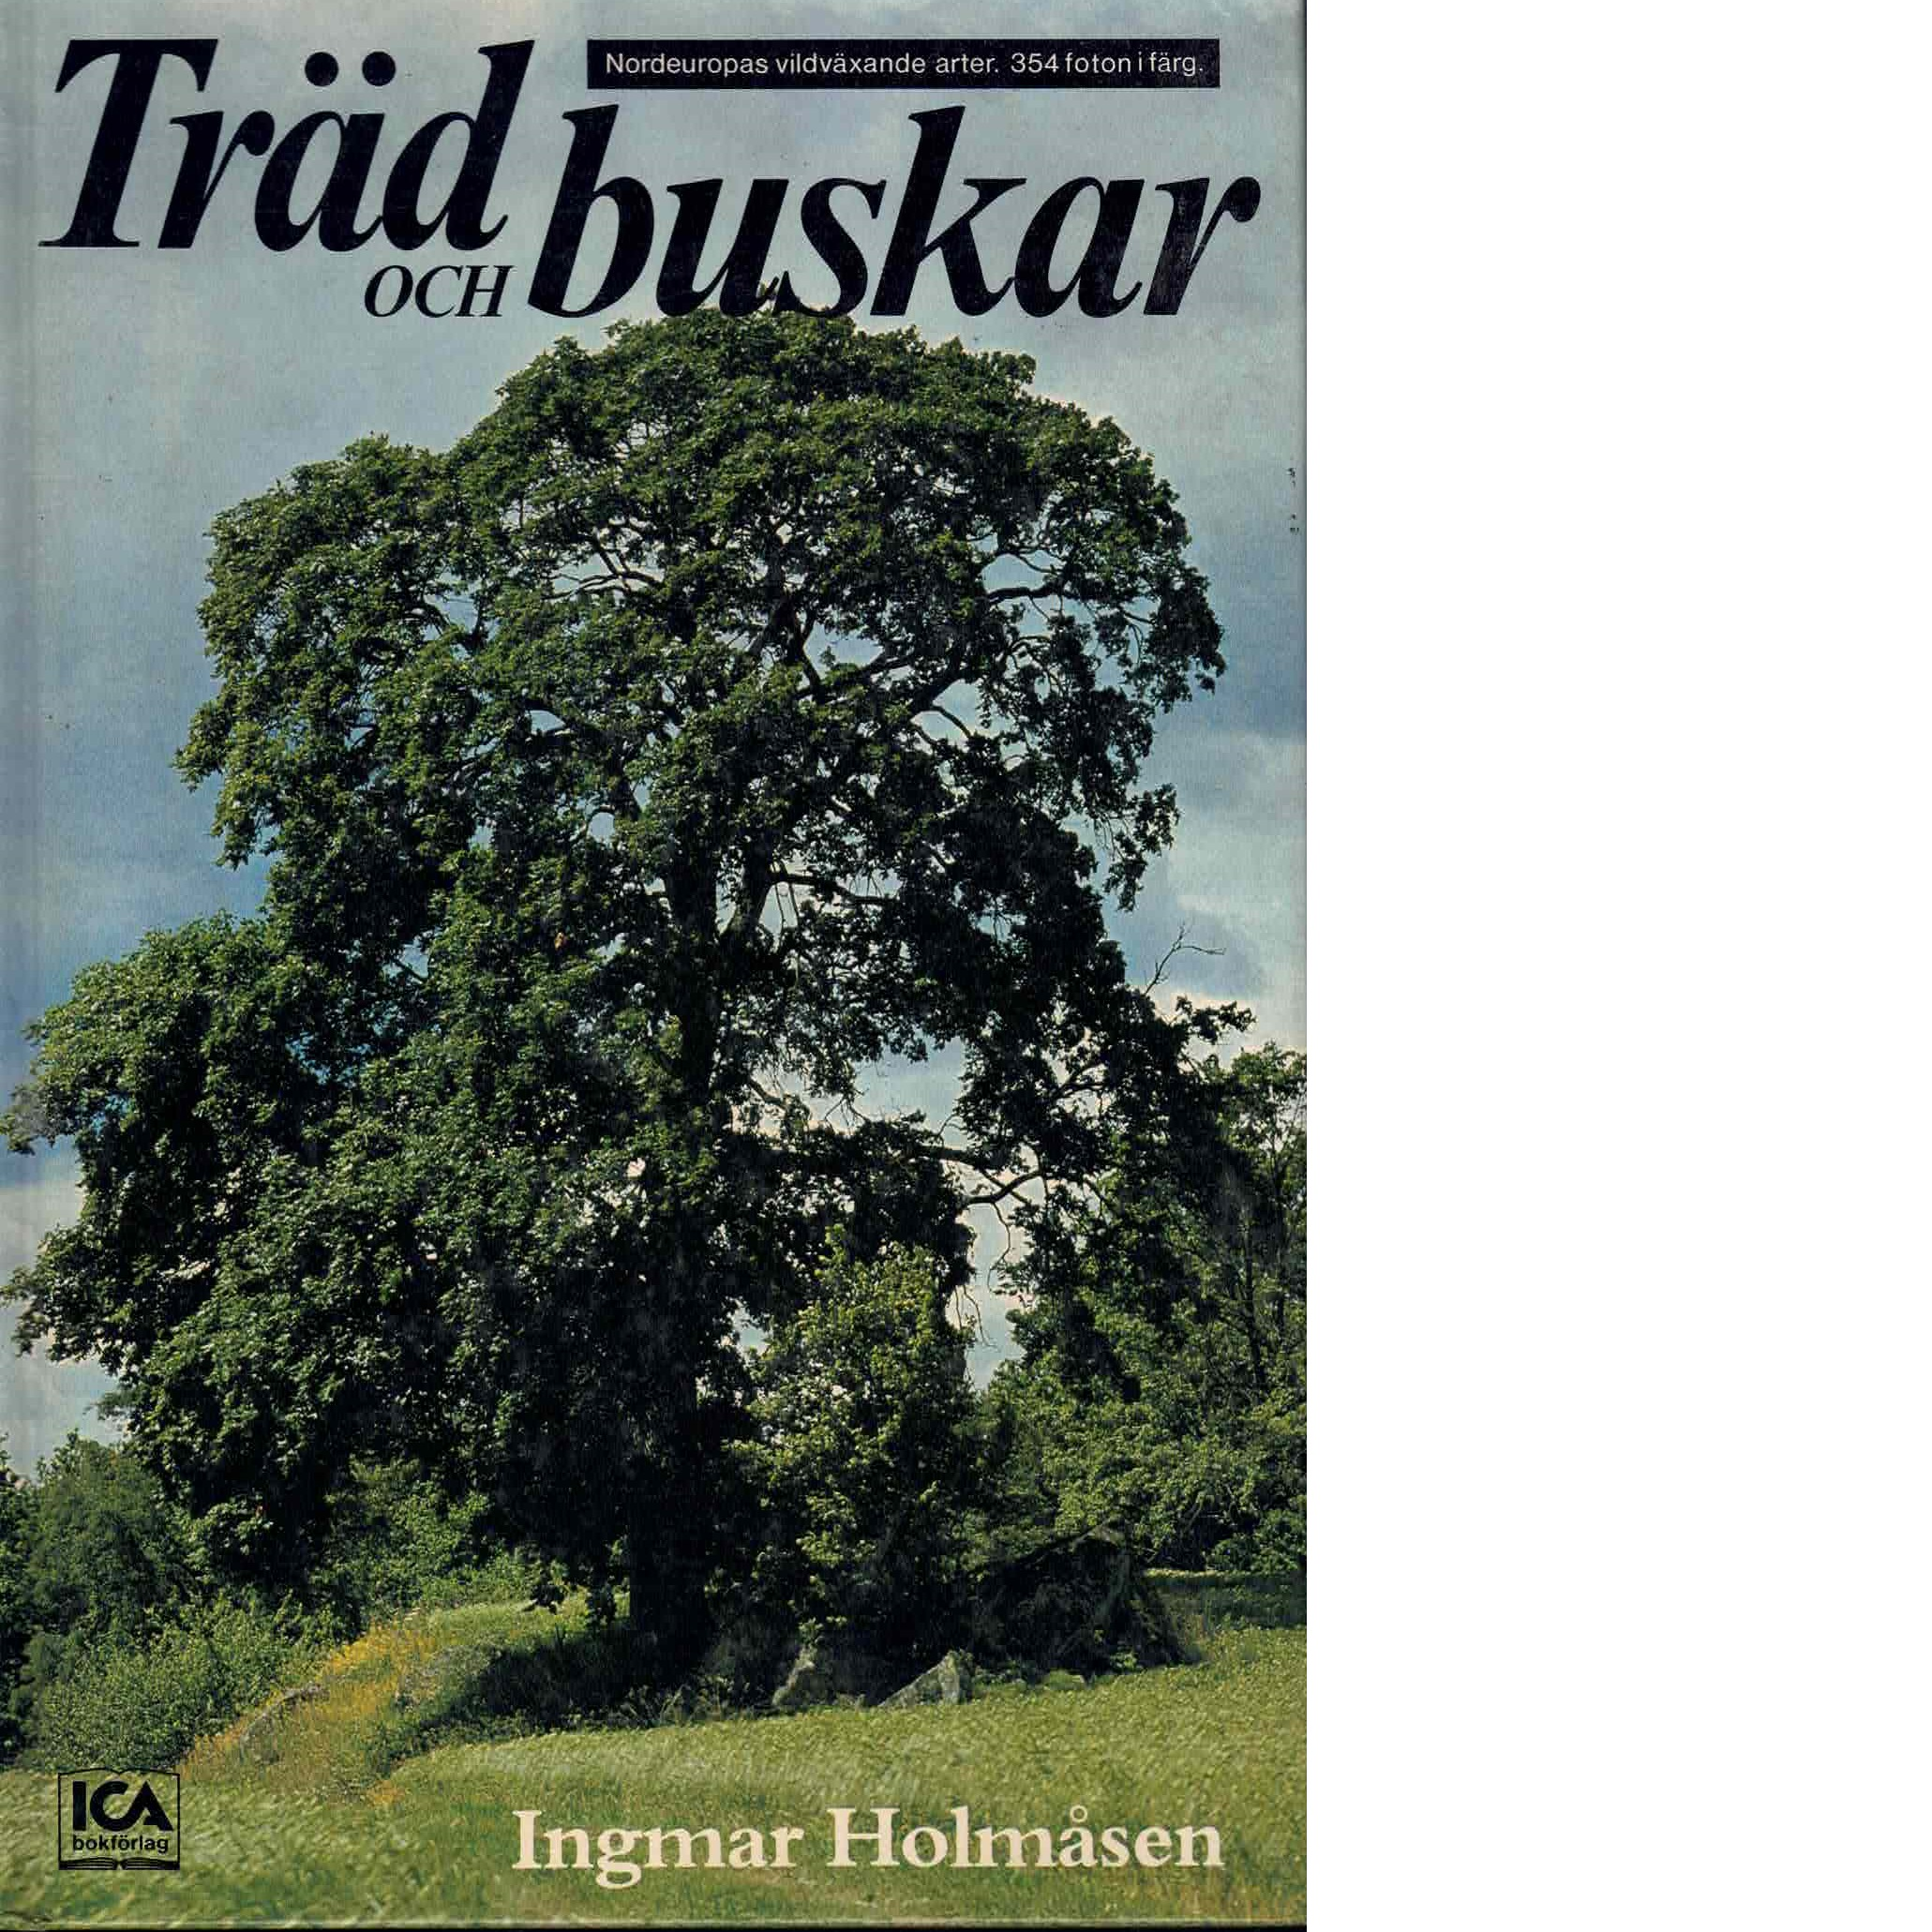 Träd och buskar : Nordeuropas vildväxande arter - Holmåsen, Ingmar